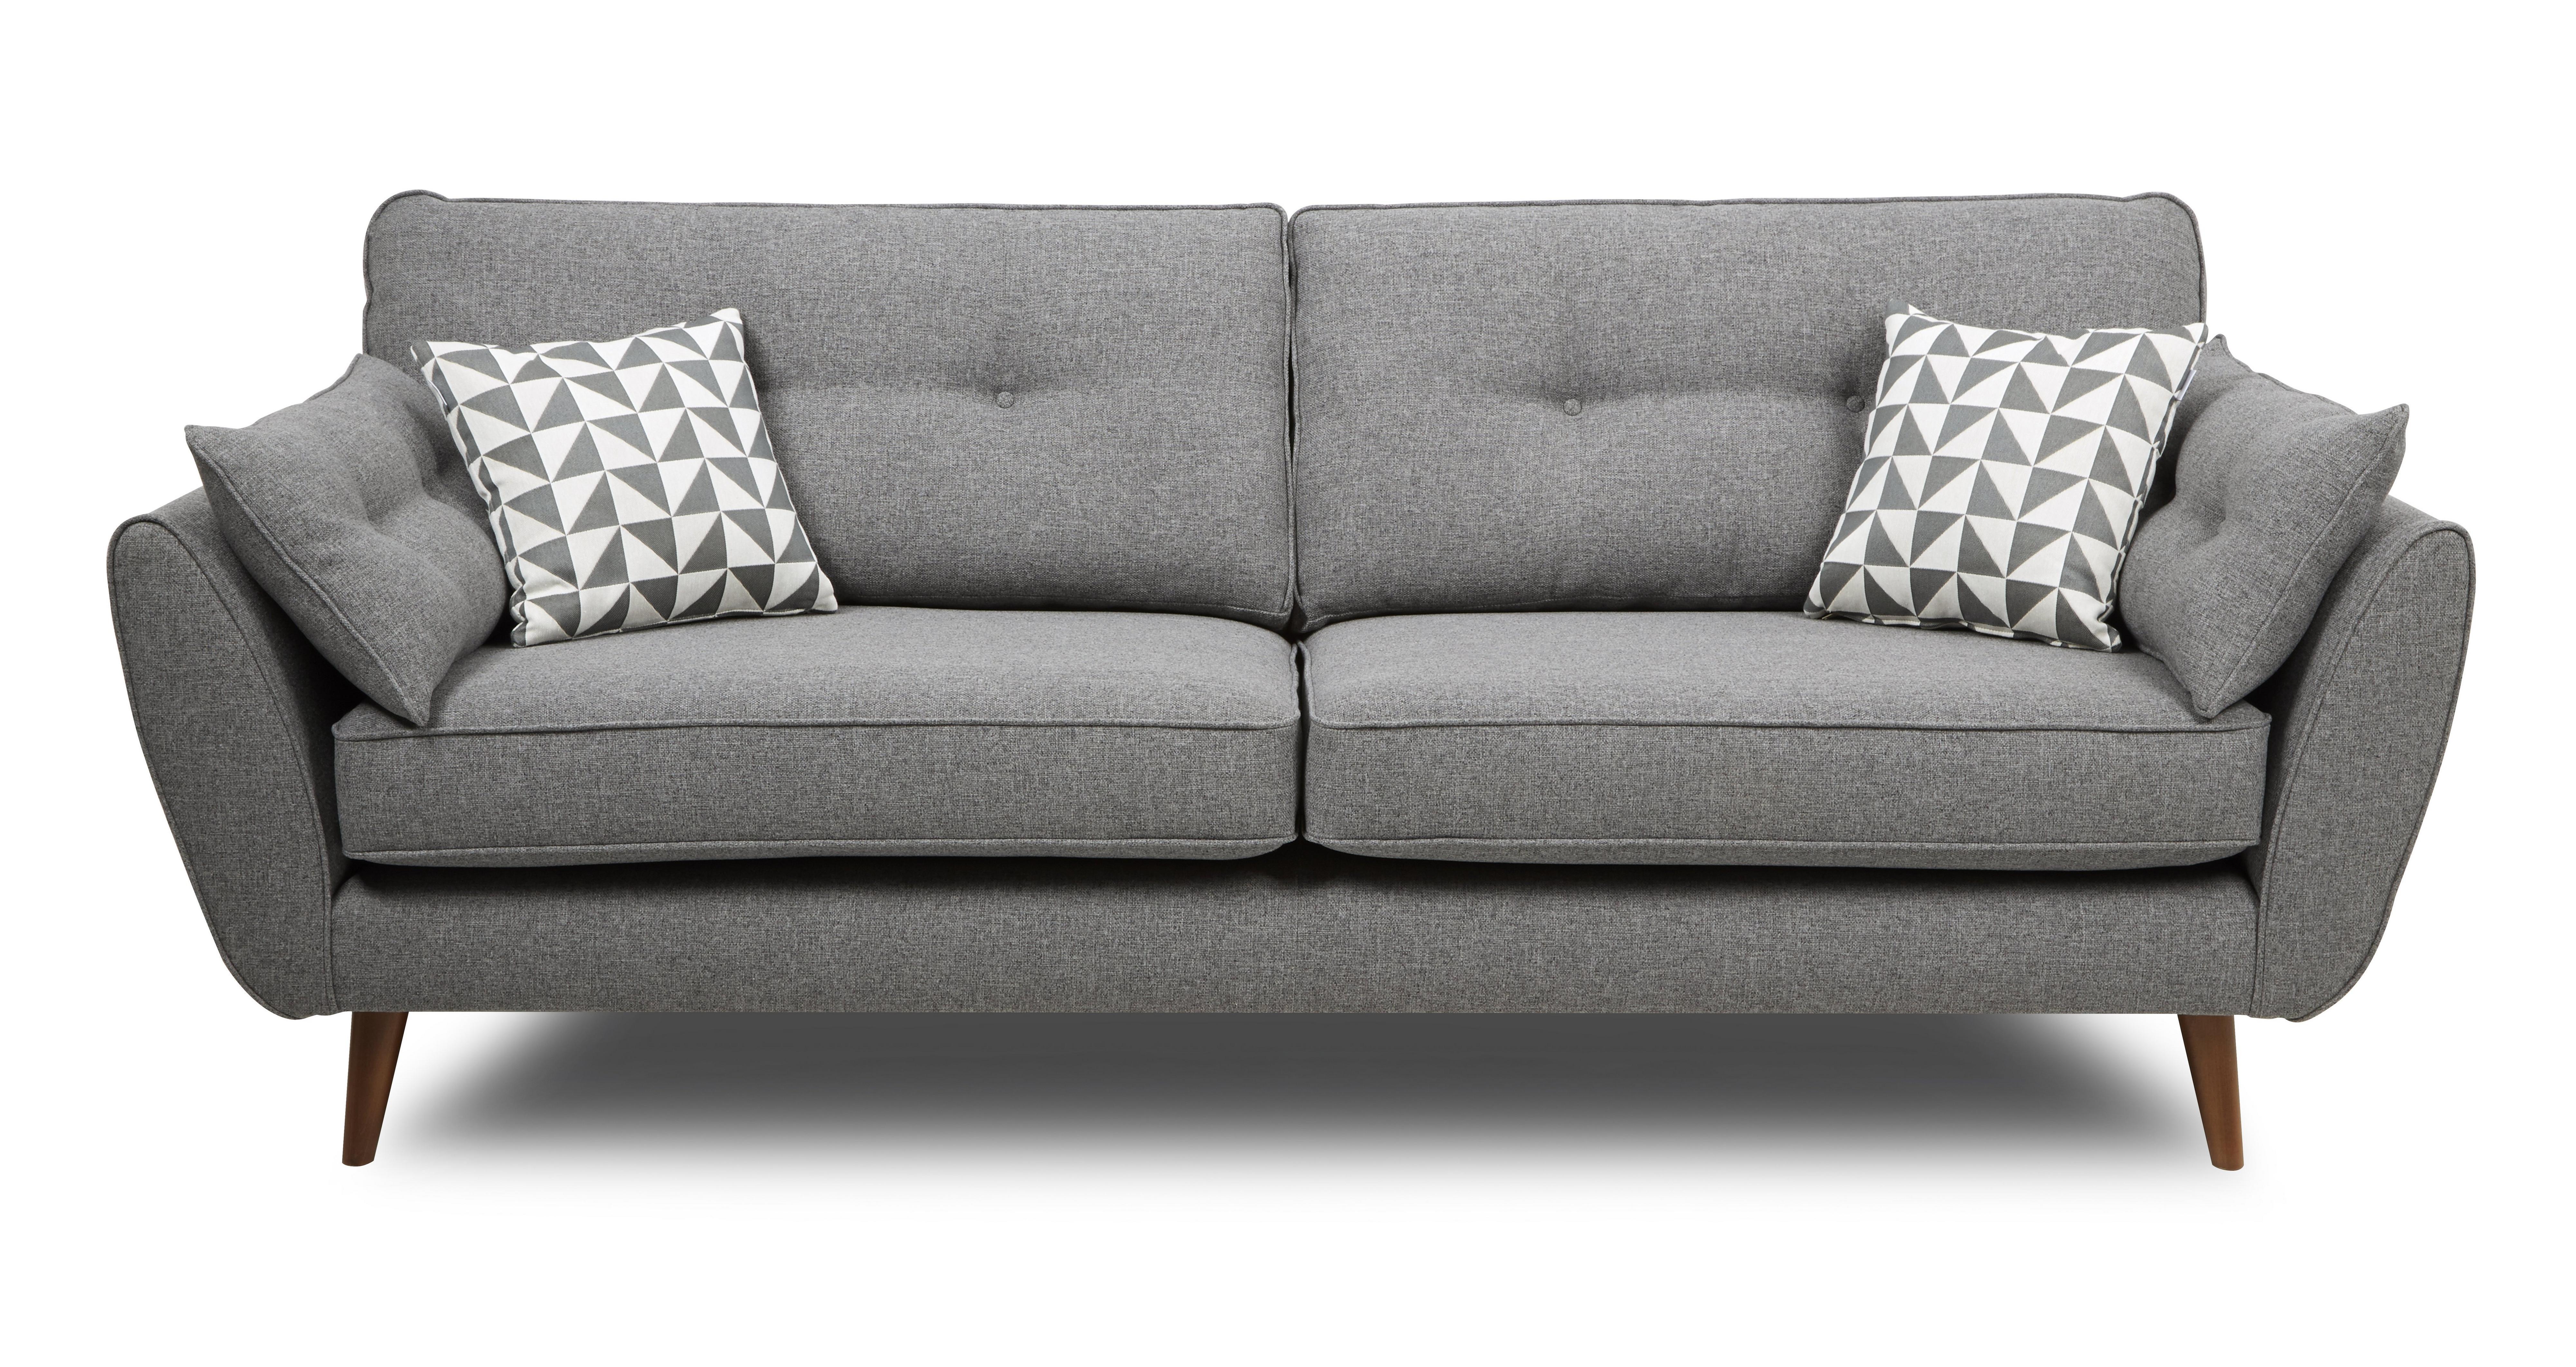 black friday 2019 sofa deals dfs